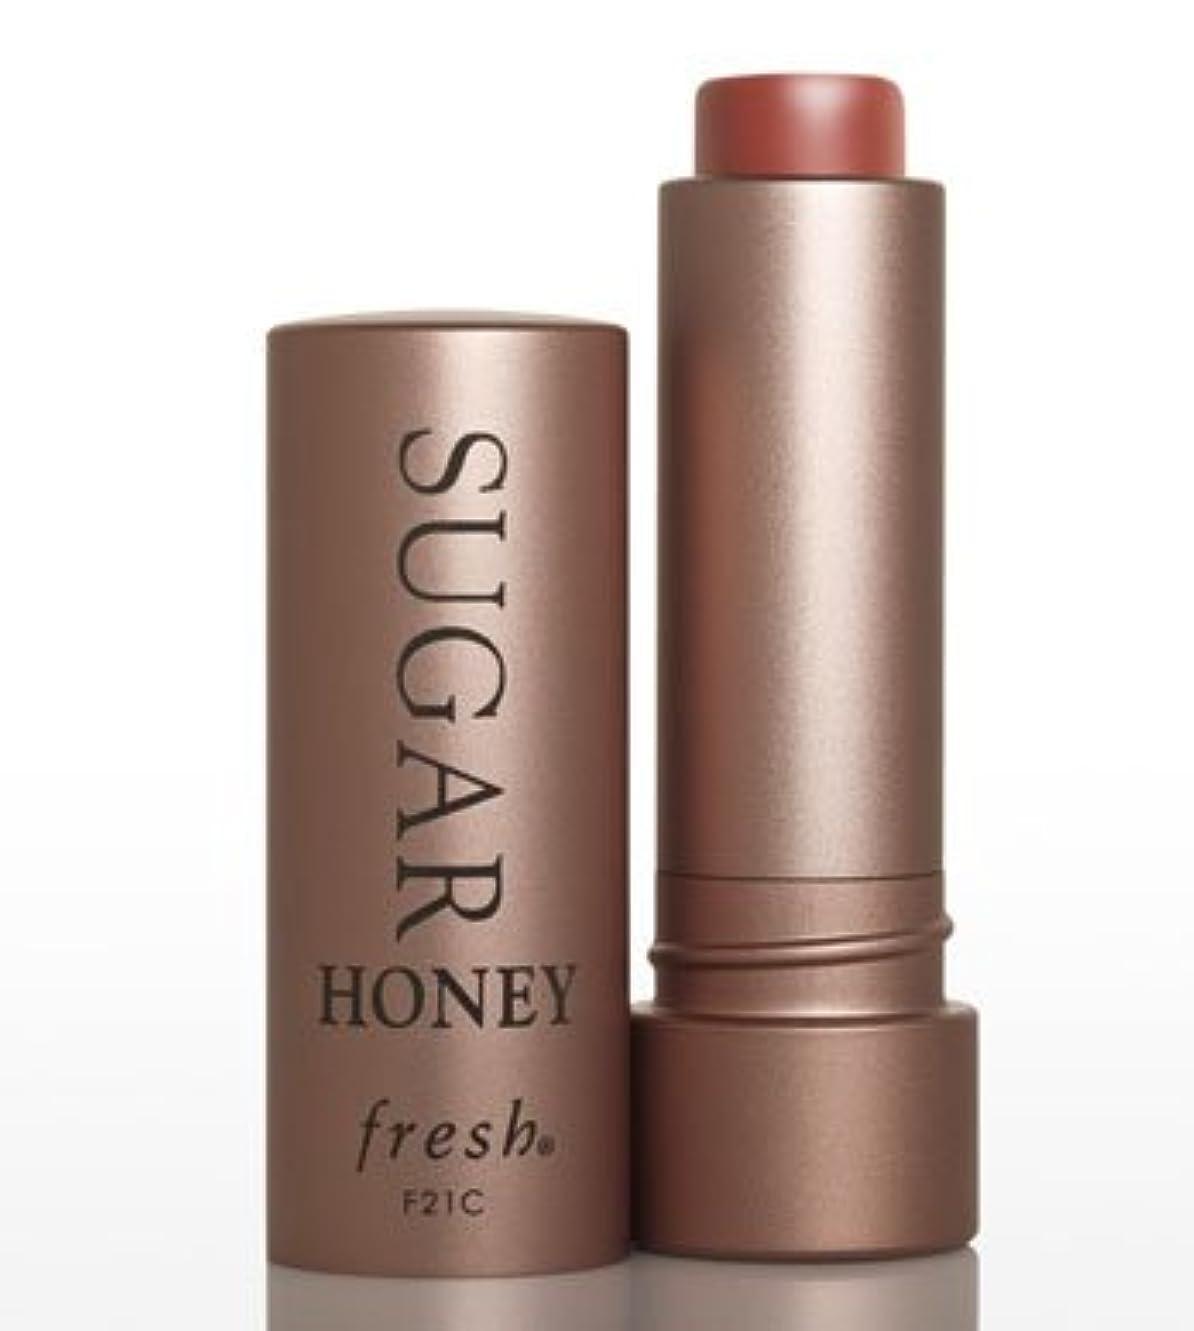 ほんのテレビ局輝度Fresh SUGAR Honey TINTED LIP TREATMENT SPF15(フレッシュ シュガー ハニー ティンテッド リップ トリートメント SPF15) 0.15 oz (4.3g)